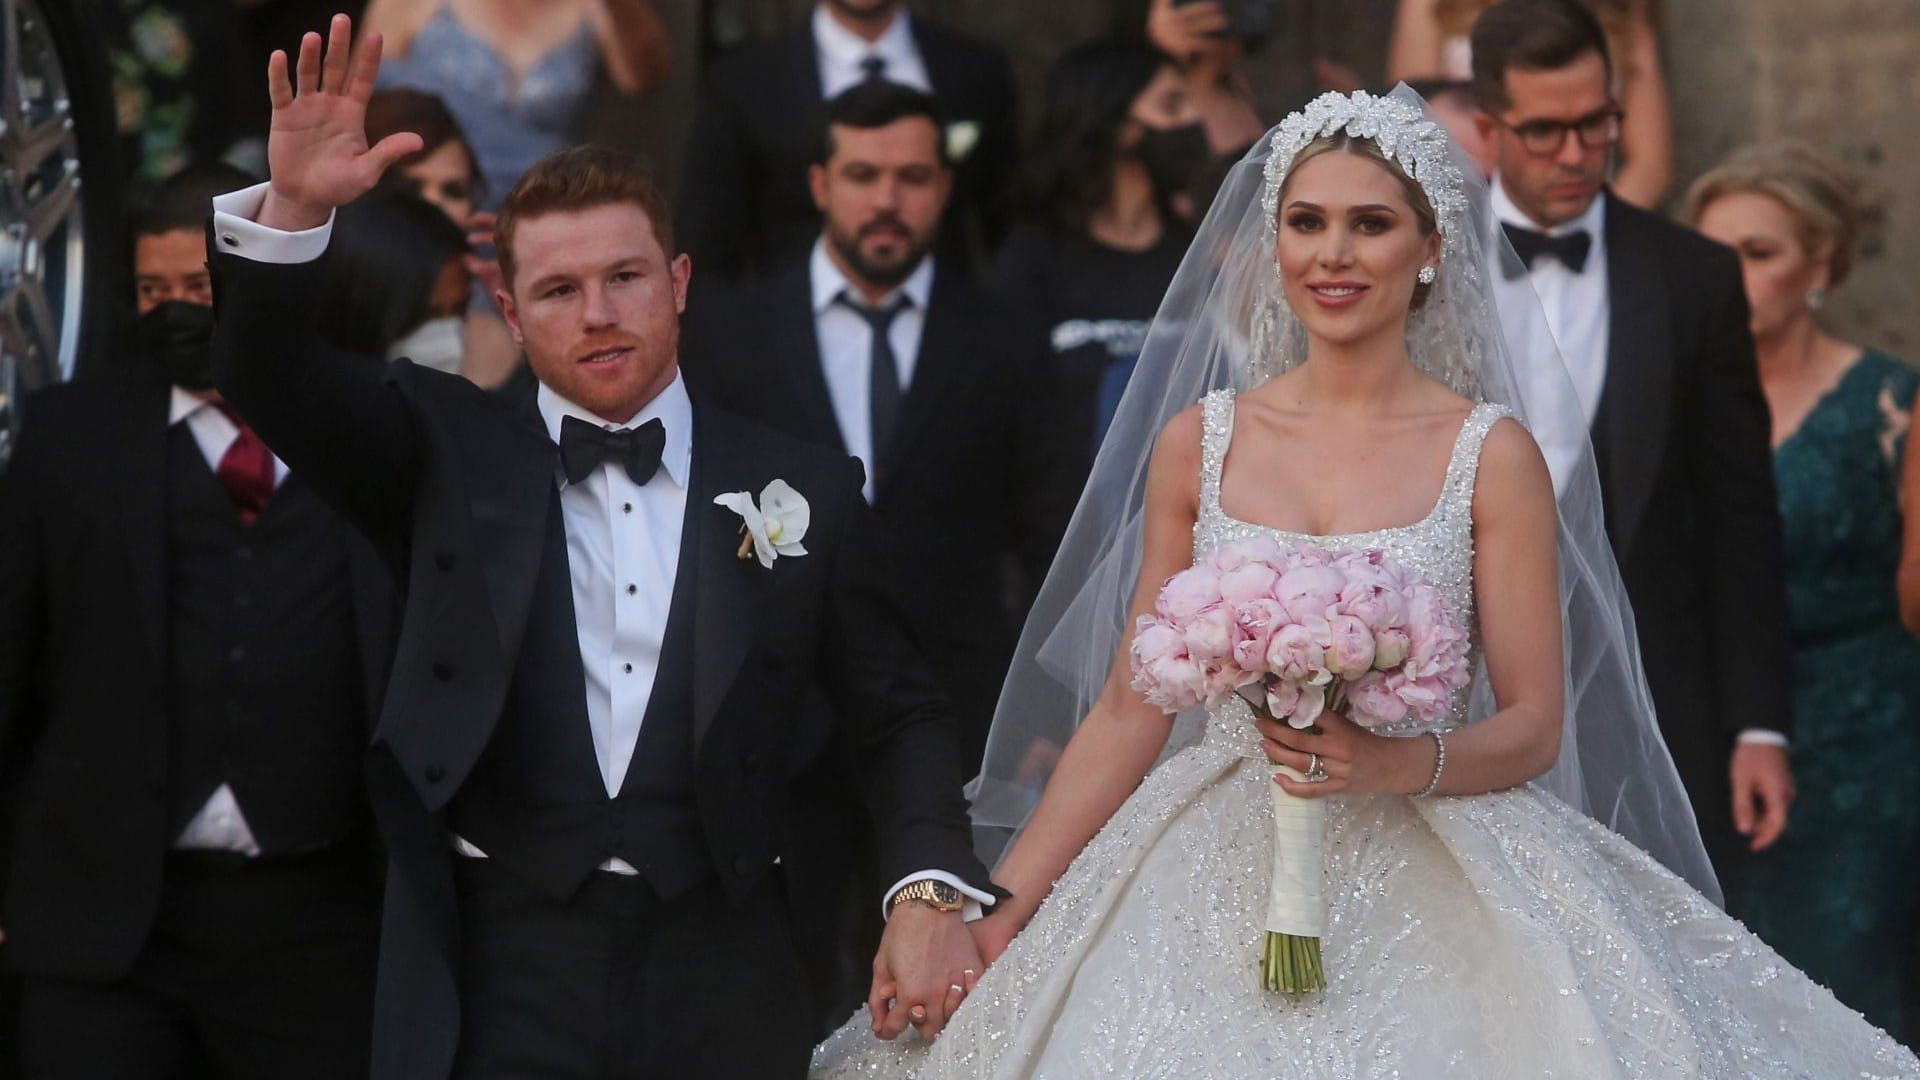 Fotos: El 'Canelo' Álvarez se casa con Fernanda Gómez en Guadalajara